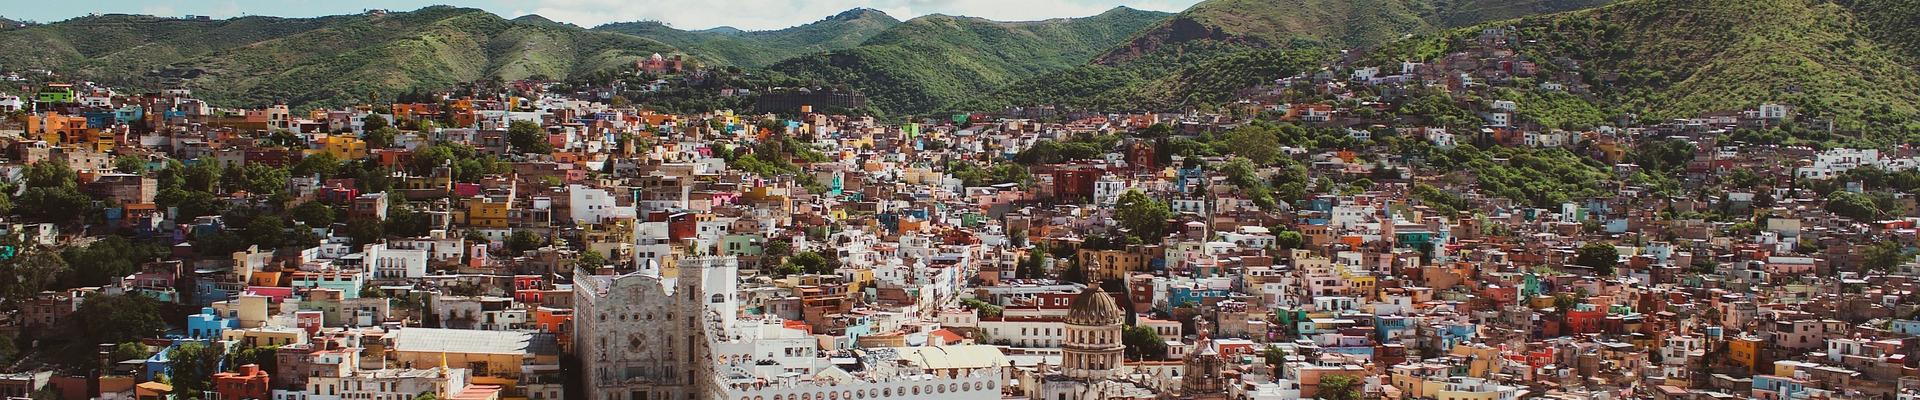 gemeinschaftlich Wohnen in Mexiko